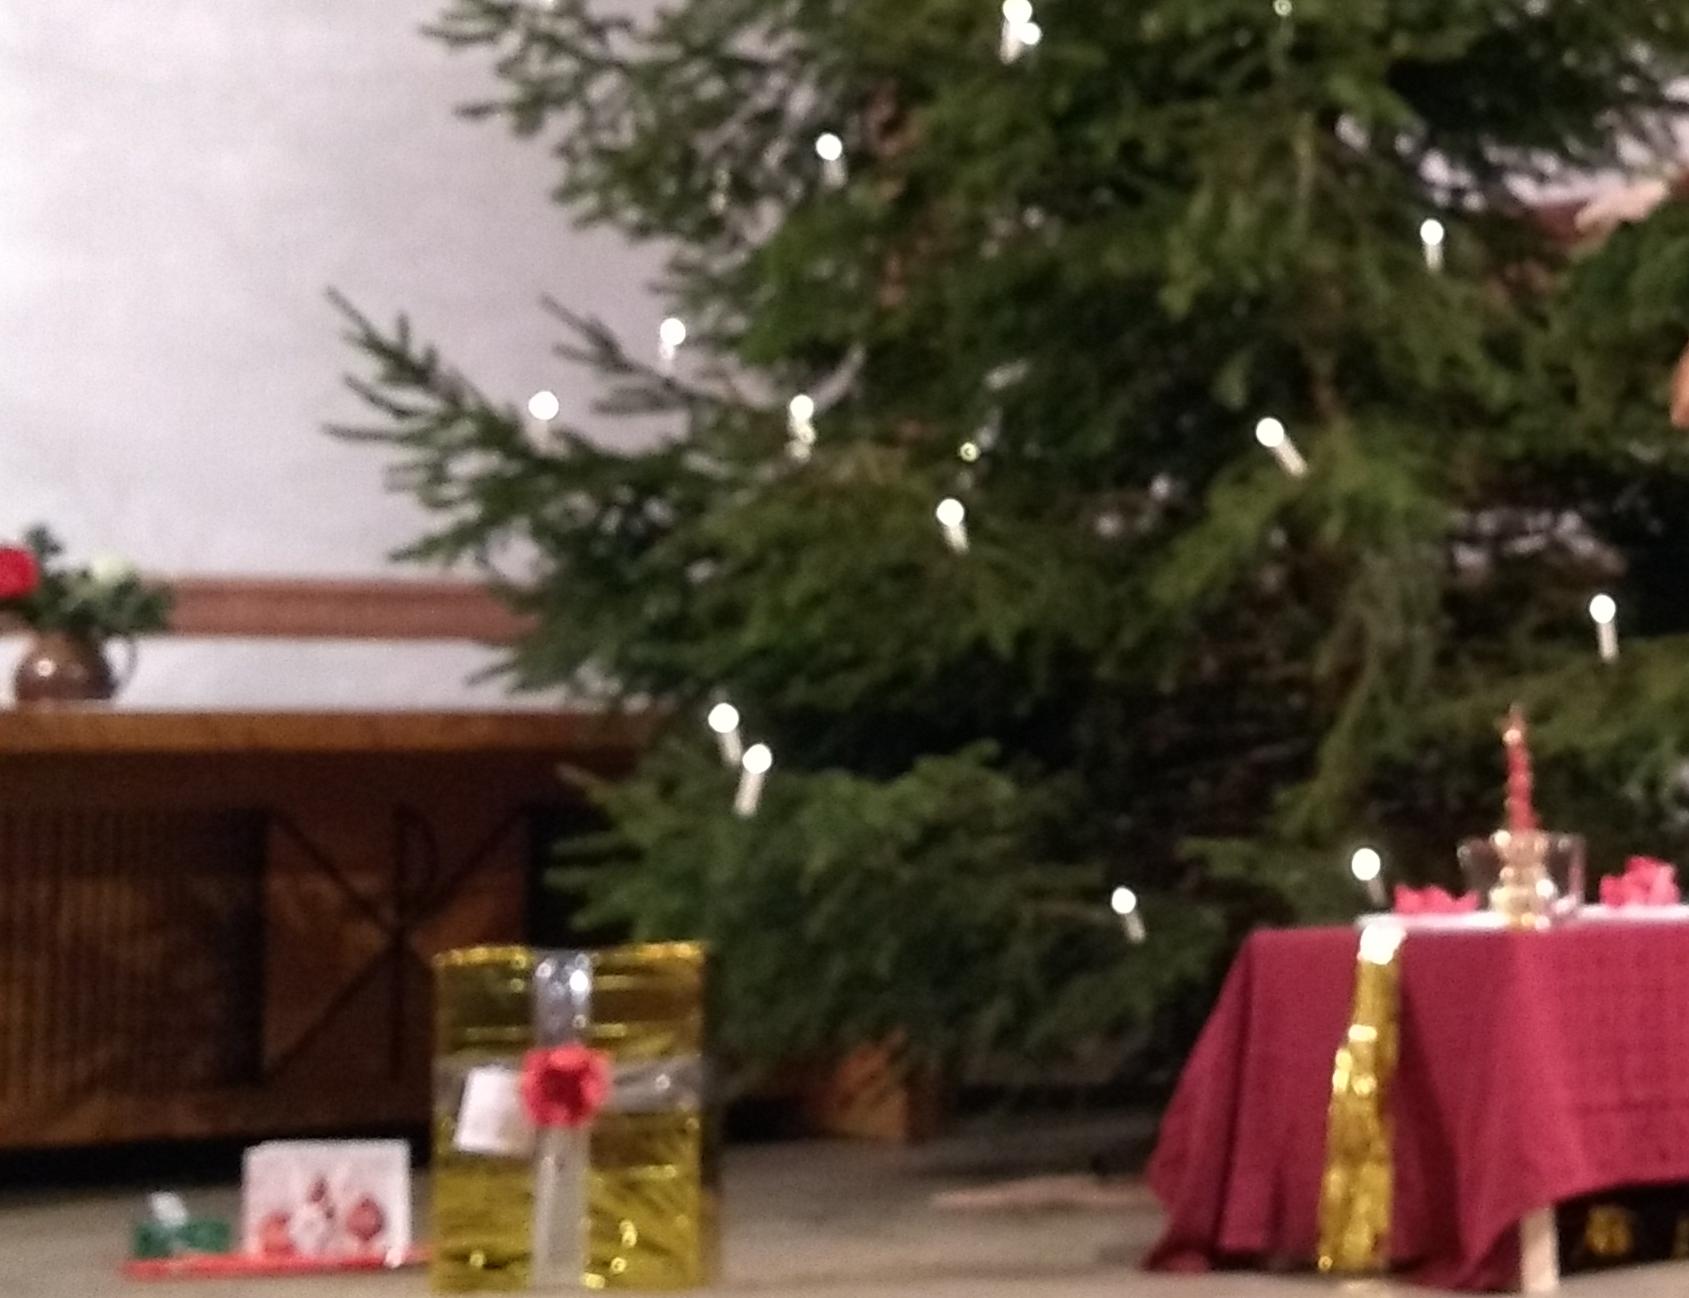 Geschenke beim Weihnachtsbaum